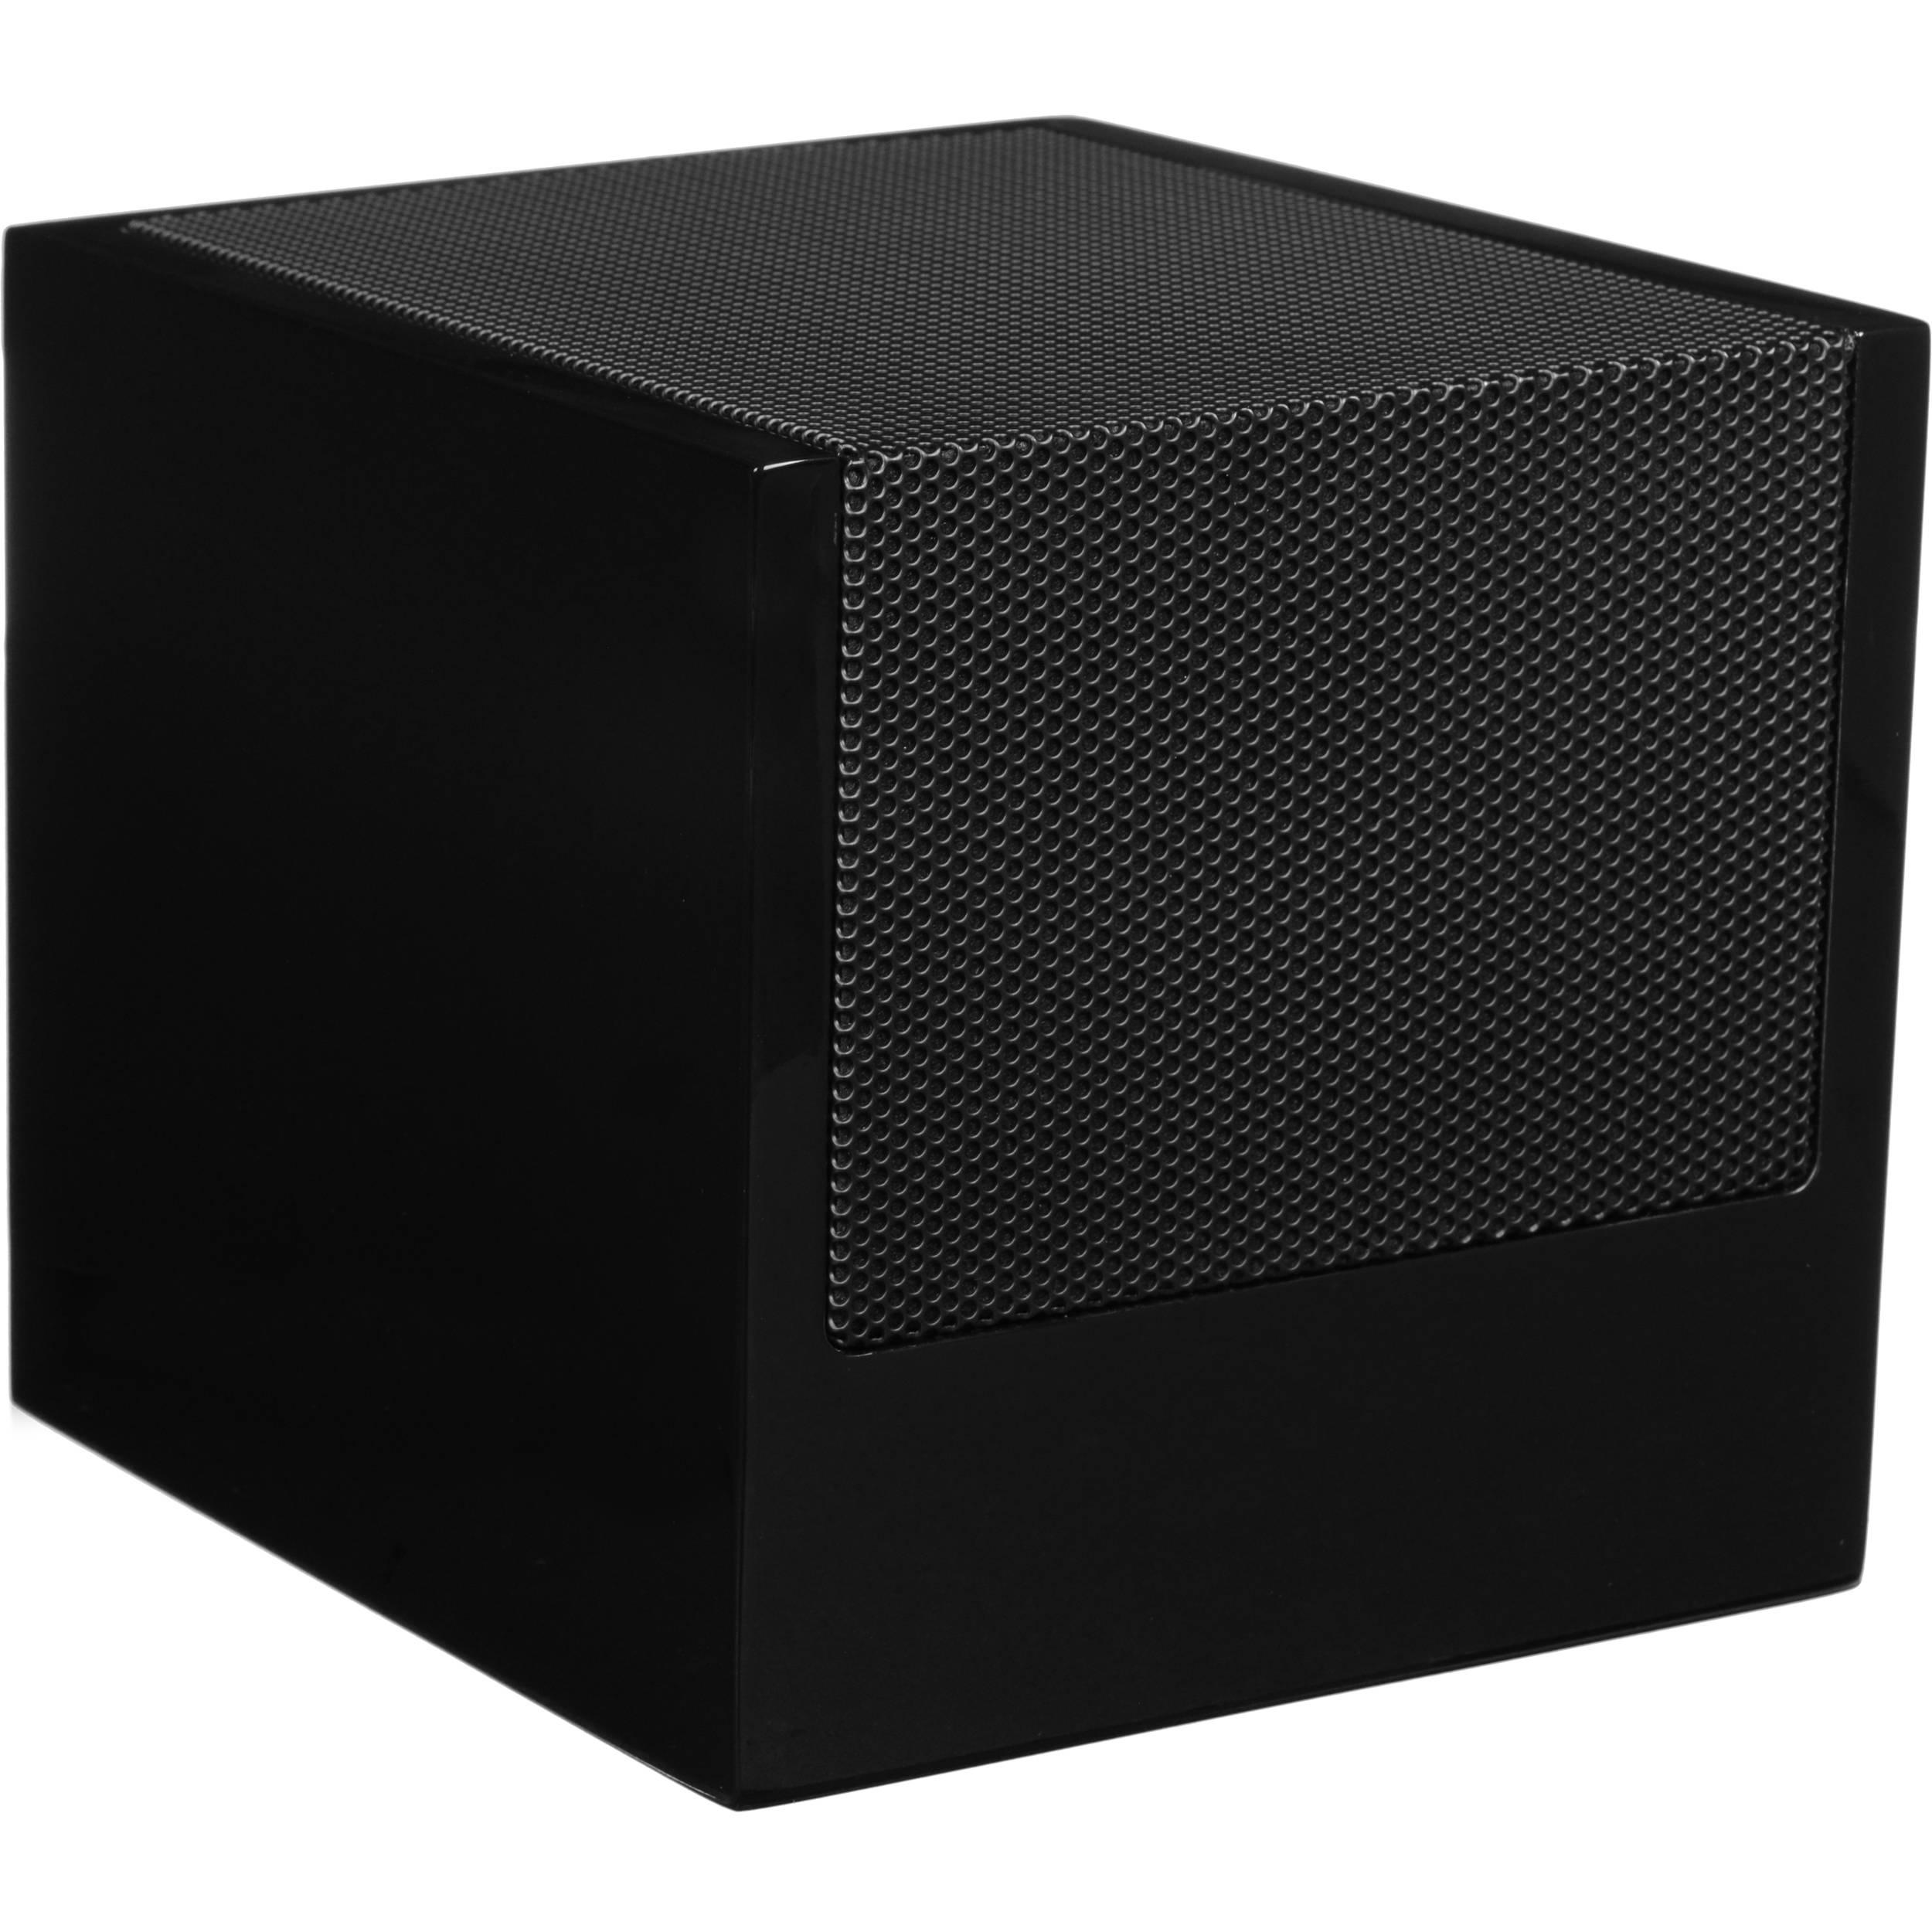 damn bookshelf martin storages logan review bookcases full size motion speakers shelves speaker good